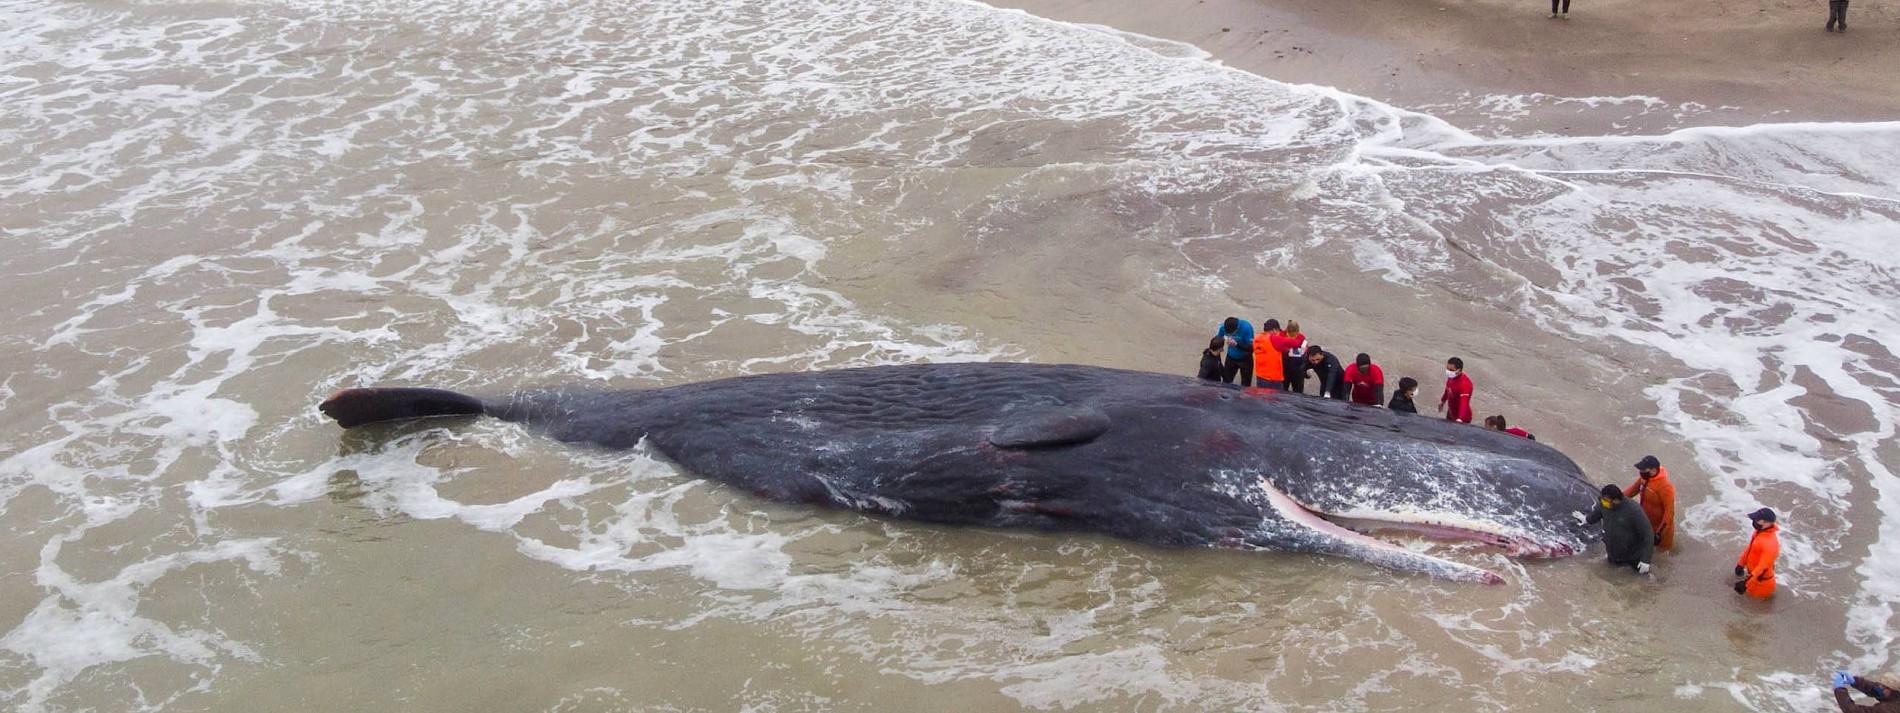 Pottwal strandet und stirbt an Küste Argentiniens